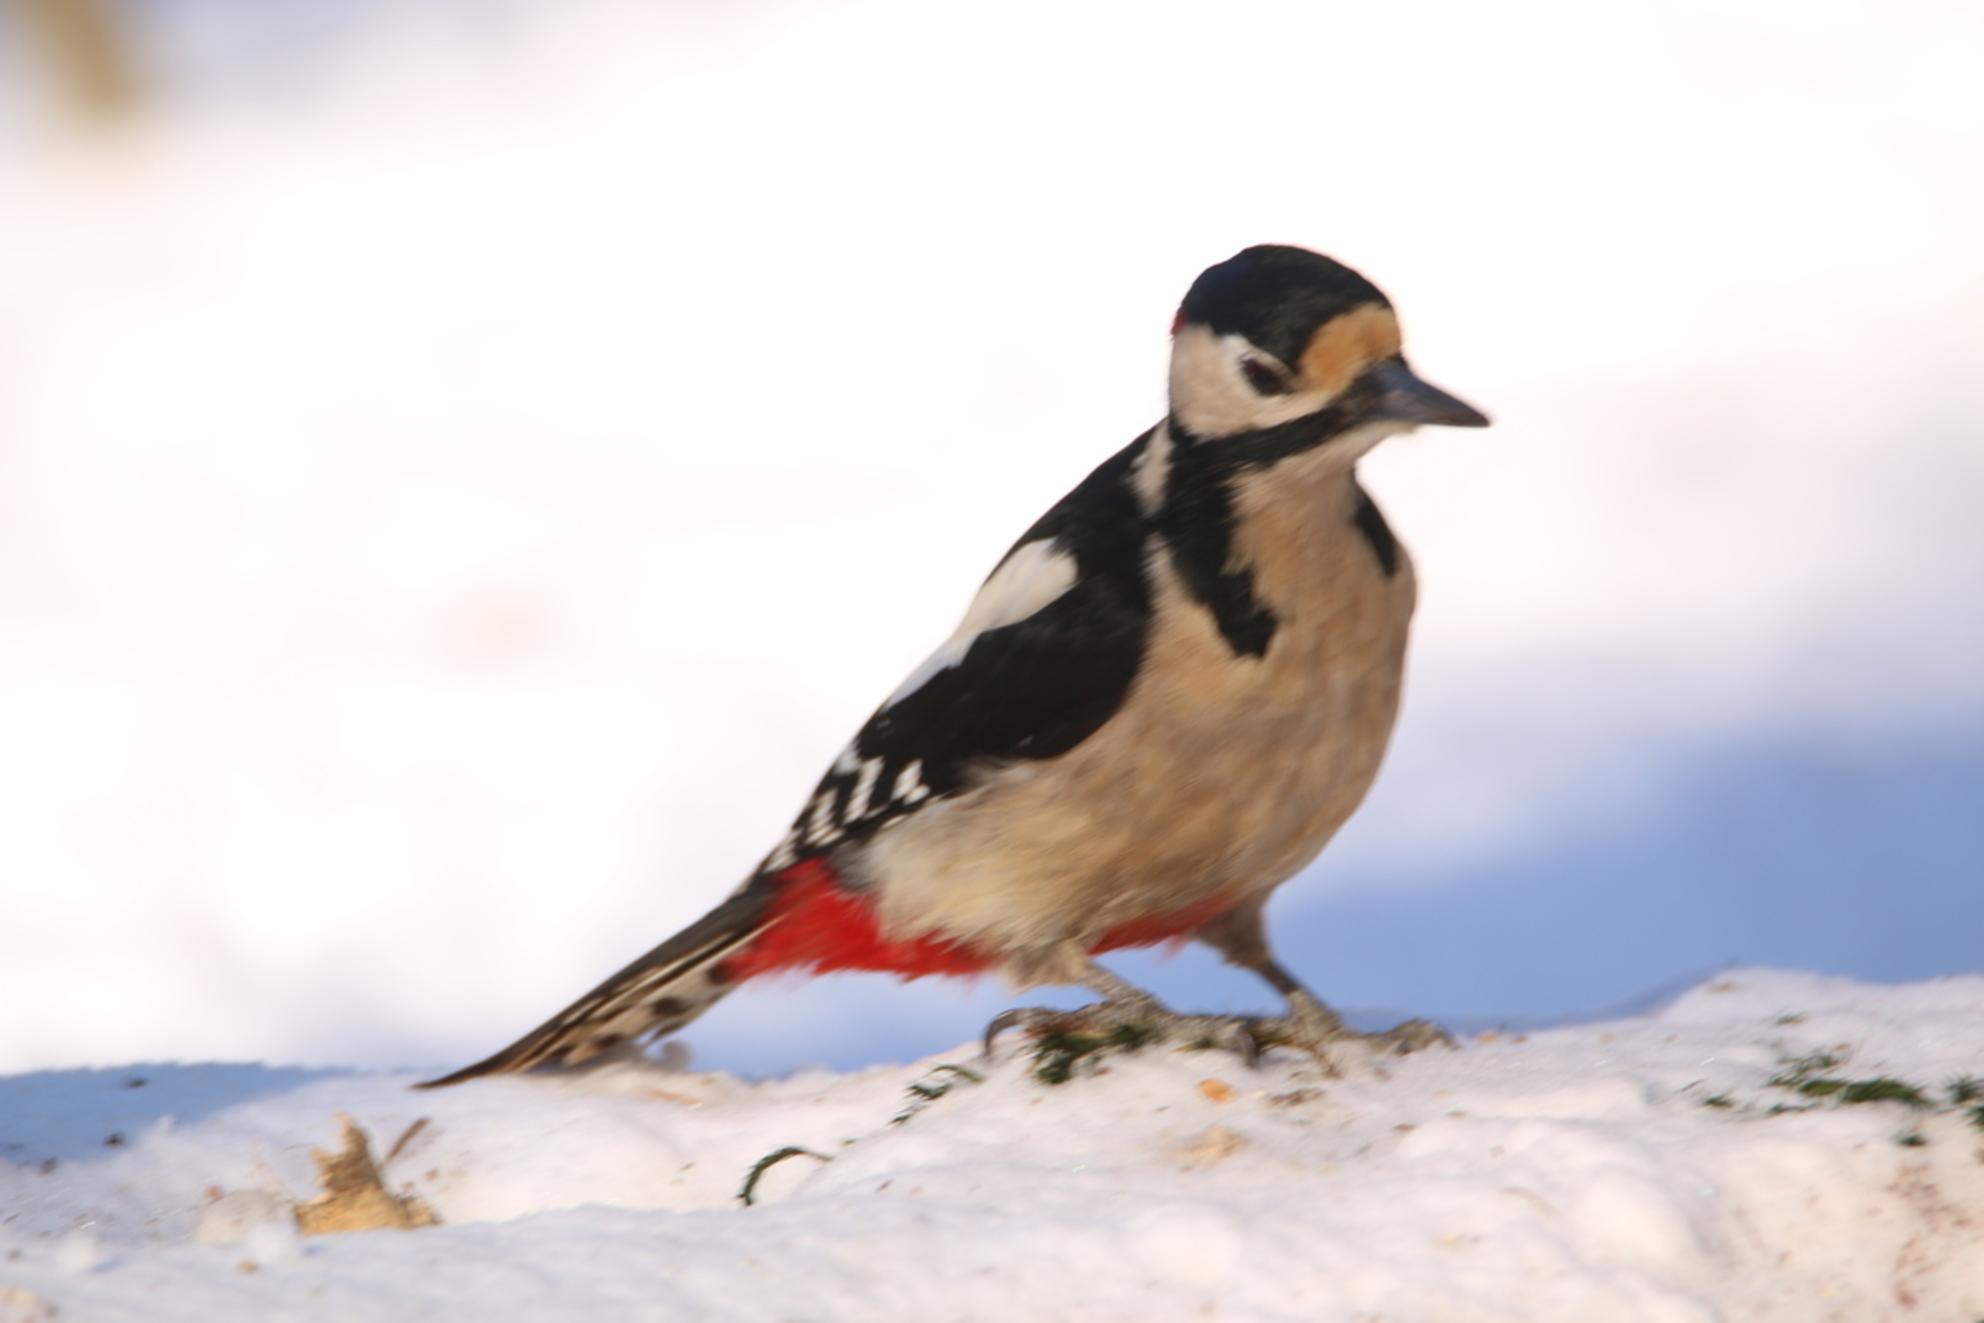 spechte - - - foto door adriejasper op 08-03-2021 - deze foto bevat: sneeuw, winter, vogel